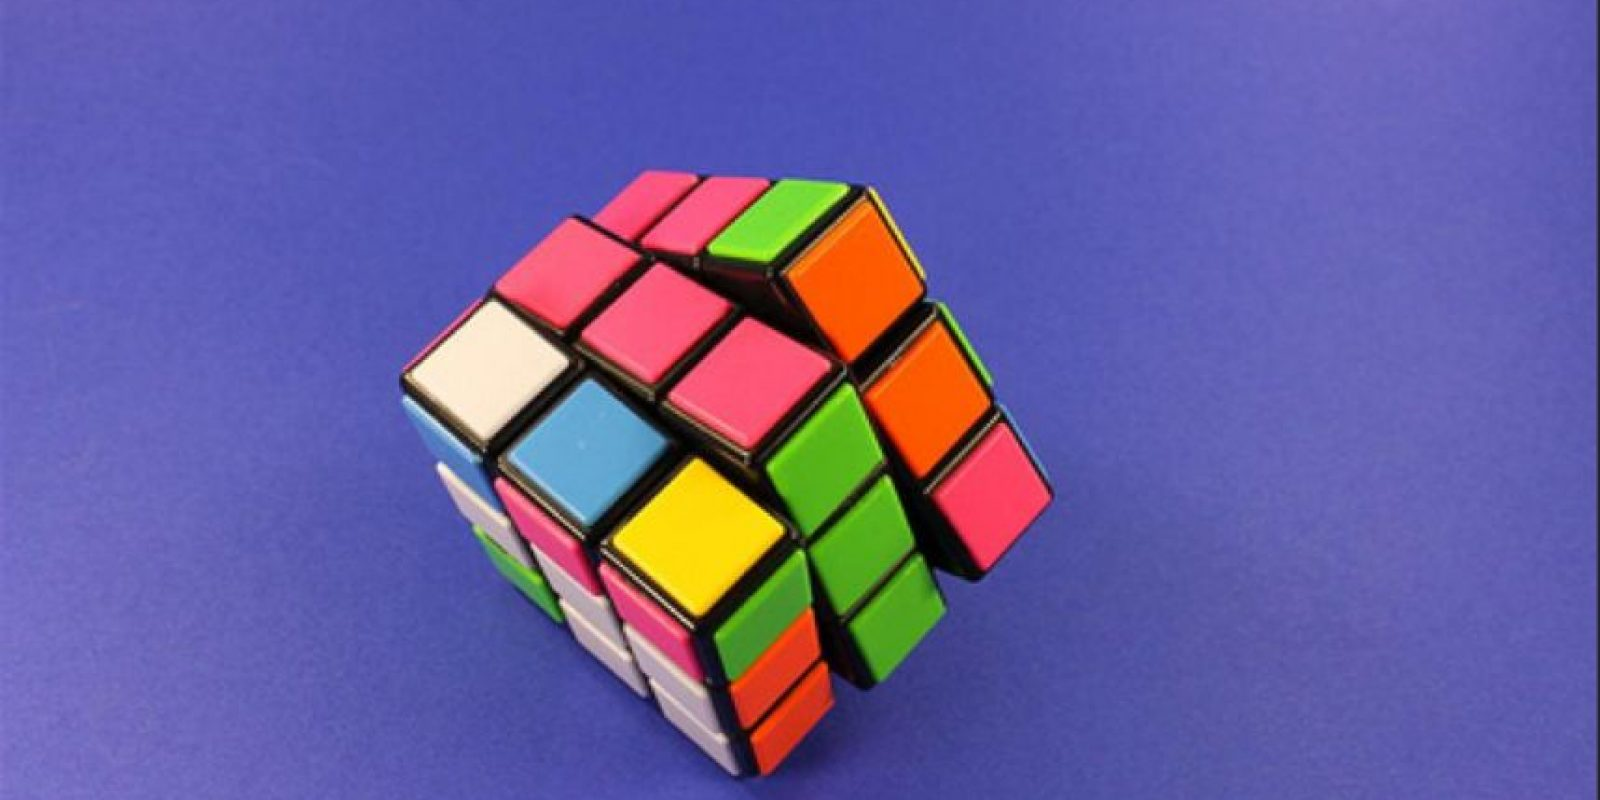 Y el tiempo para resolverlo se ha reducido a 4,9 segundos. Foto:Vía Flickr